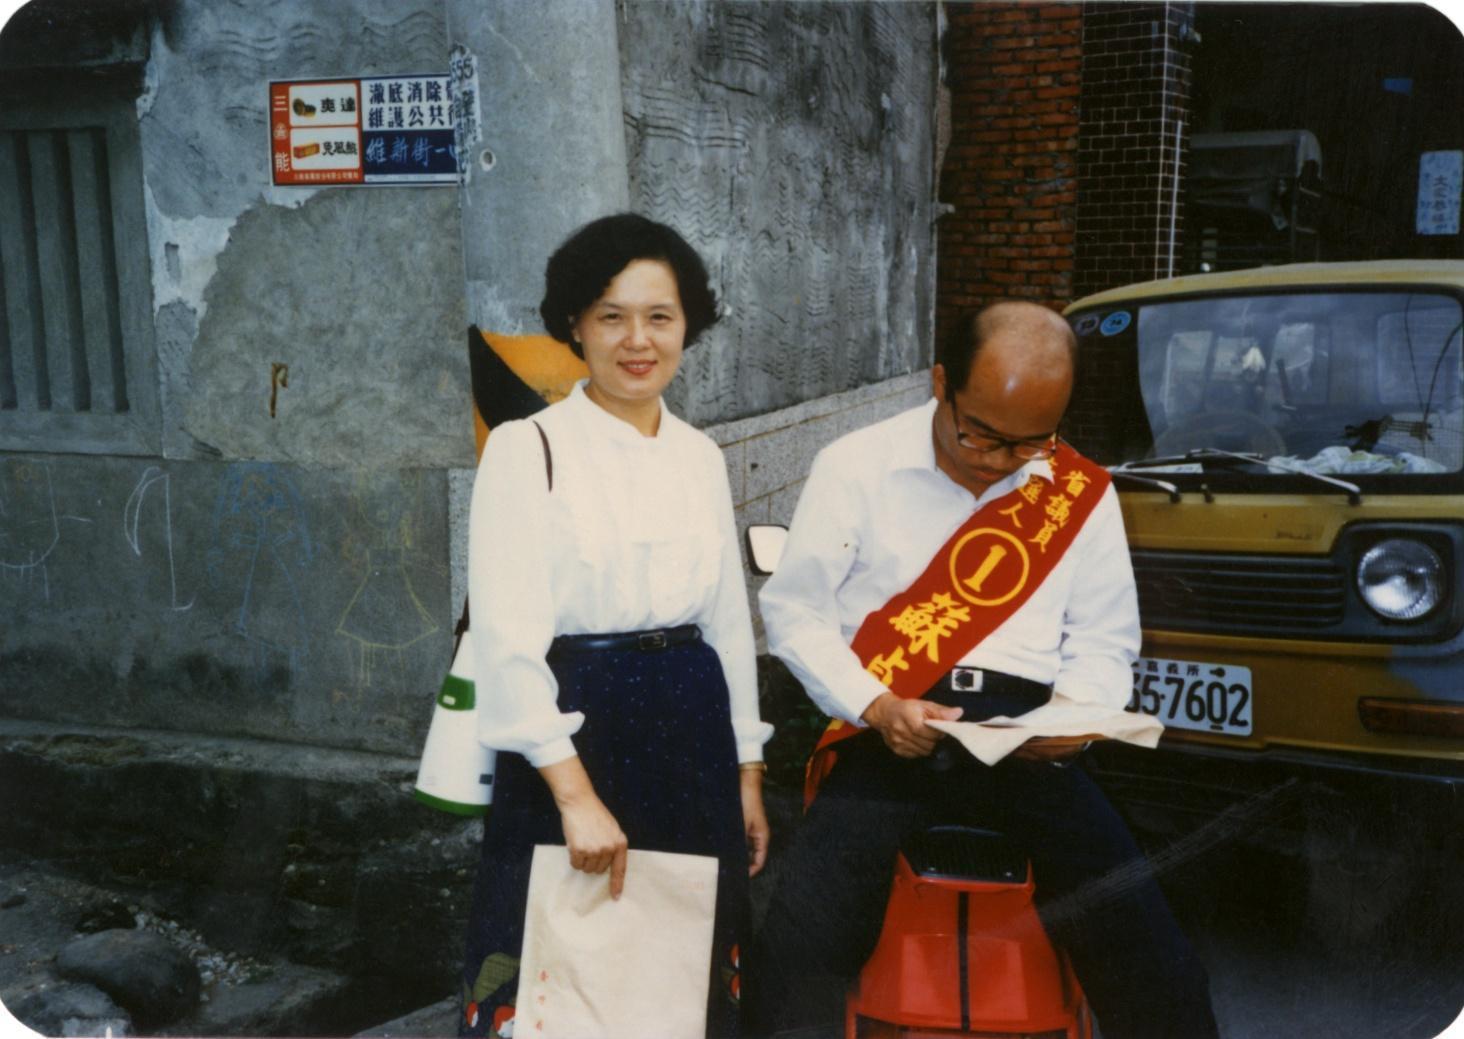 80年代,蘇貞昌競選屏東省議員,妻子詹秀齡陪著他四處拜票。(蘇貞昌提供)